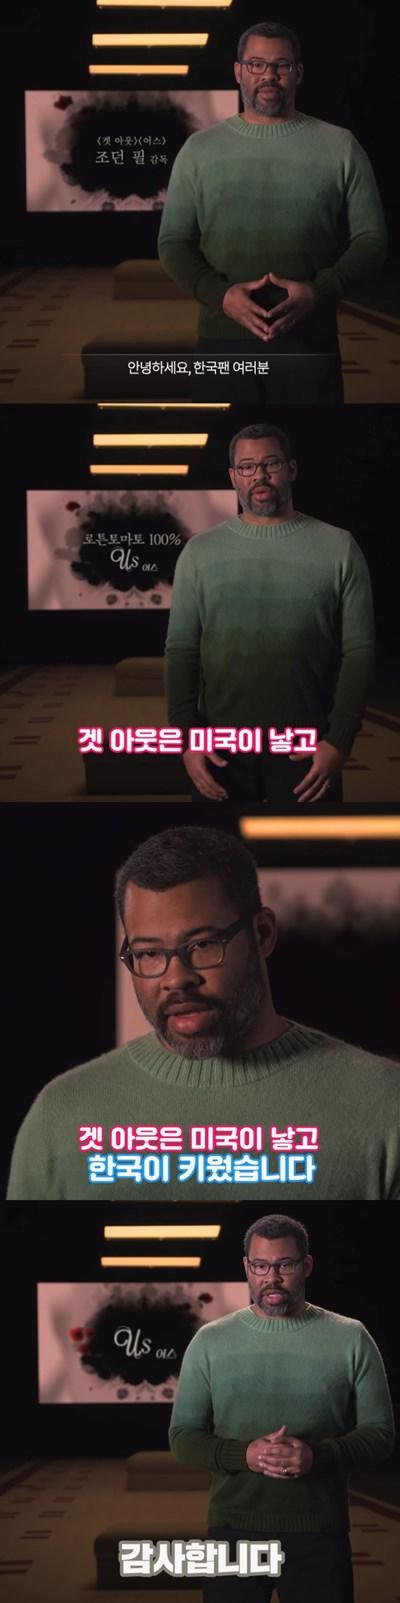 """'어스' 감독 """"'겟아웃', 미국이 낳고 한국이 키웠다"""""""